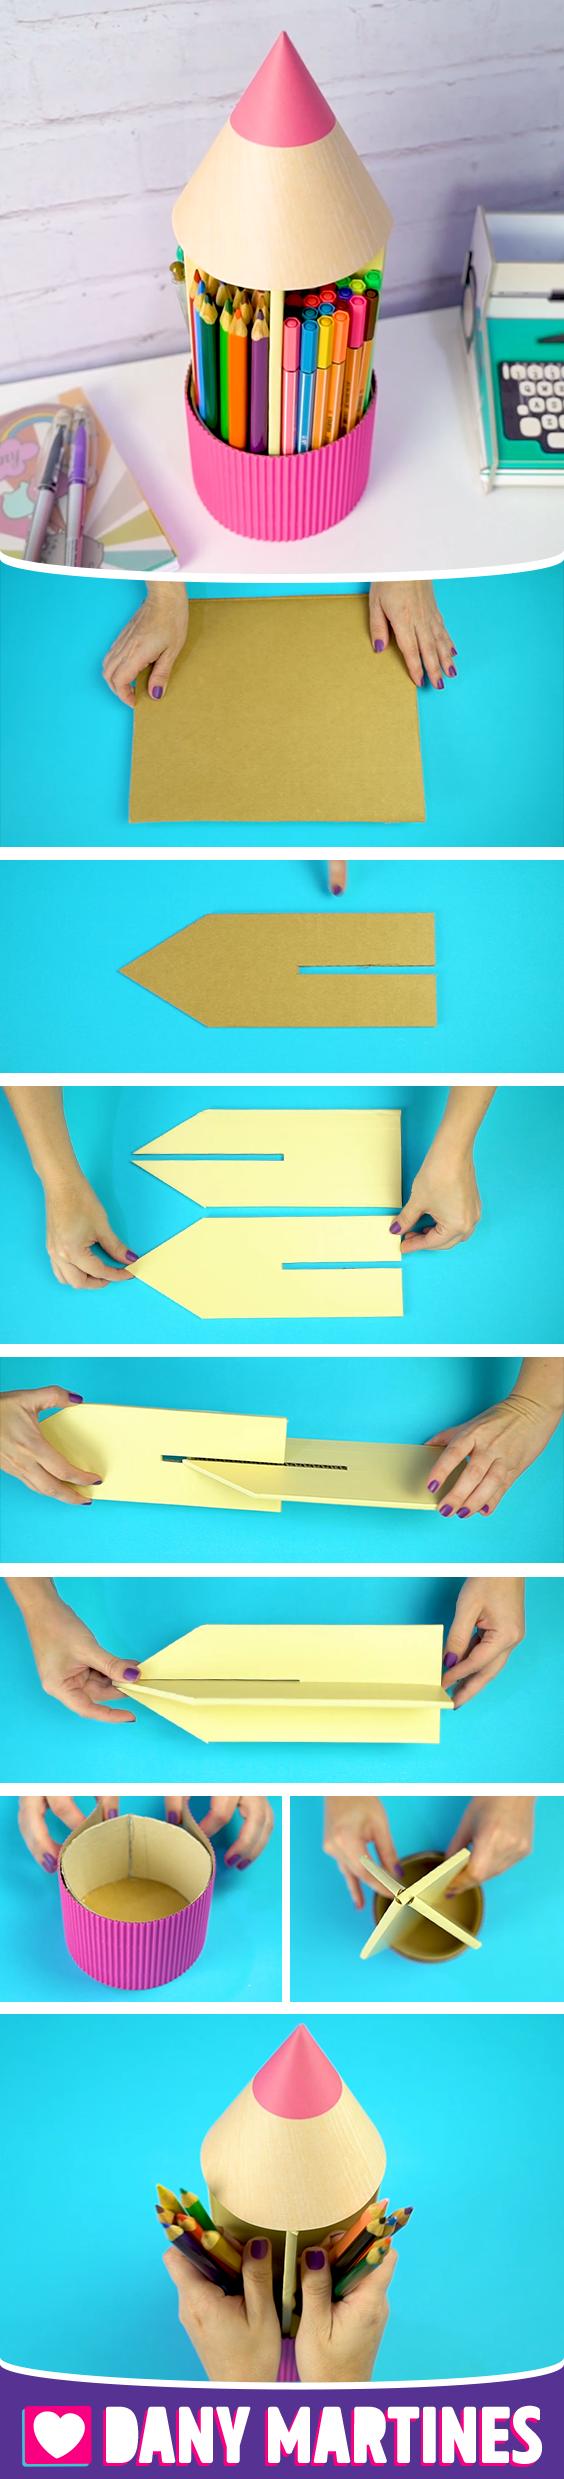 Faça você mesmo um porta lápis gigante usando papelão e gastando pouco, canetinhas, canetas, organizador, DIY, Do it yourself, Dany Martines is part of Crafts -